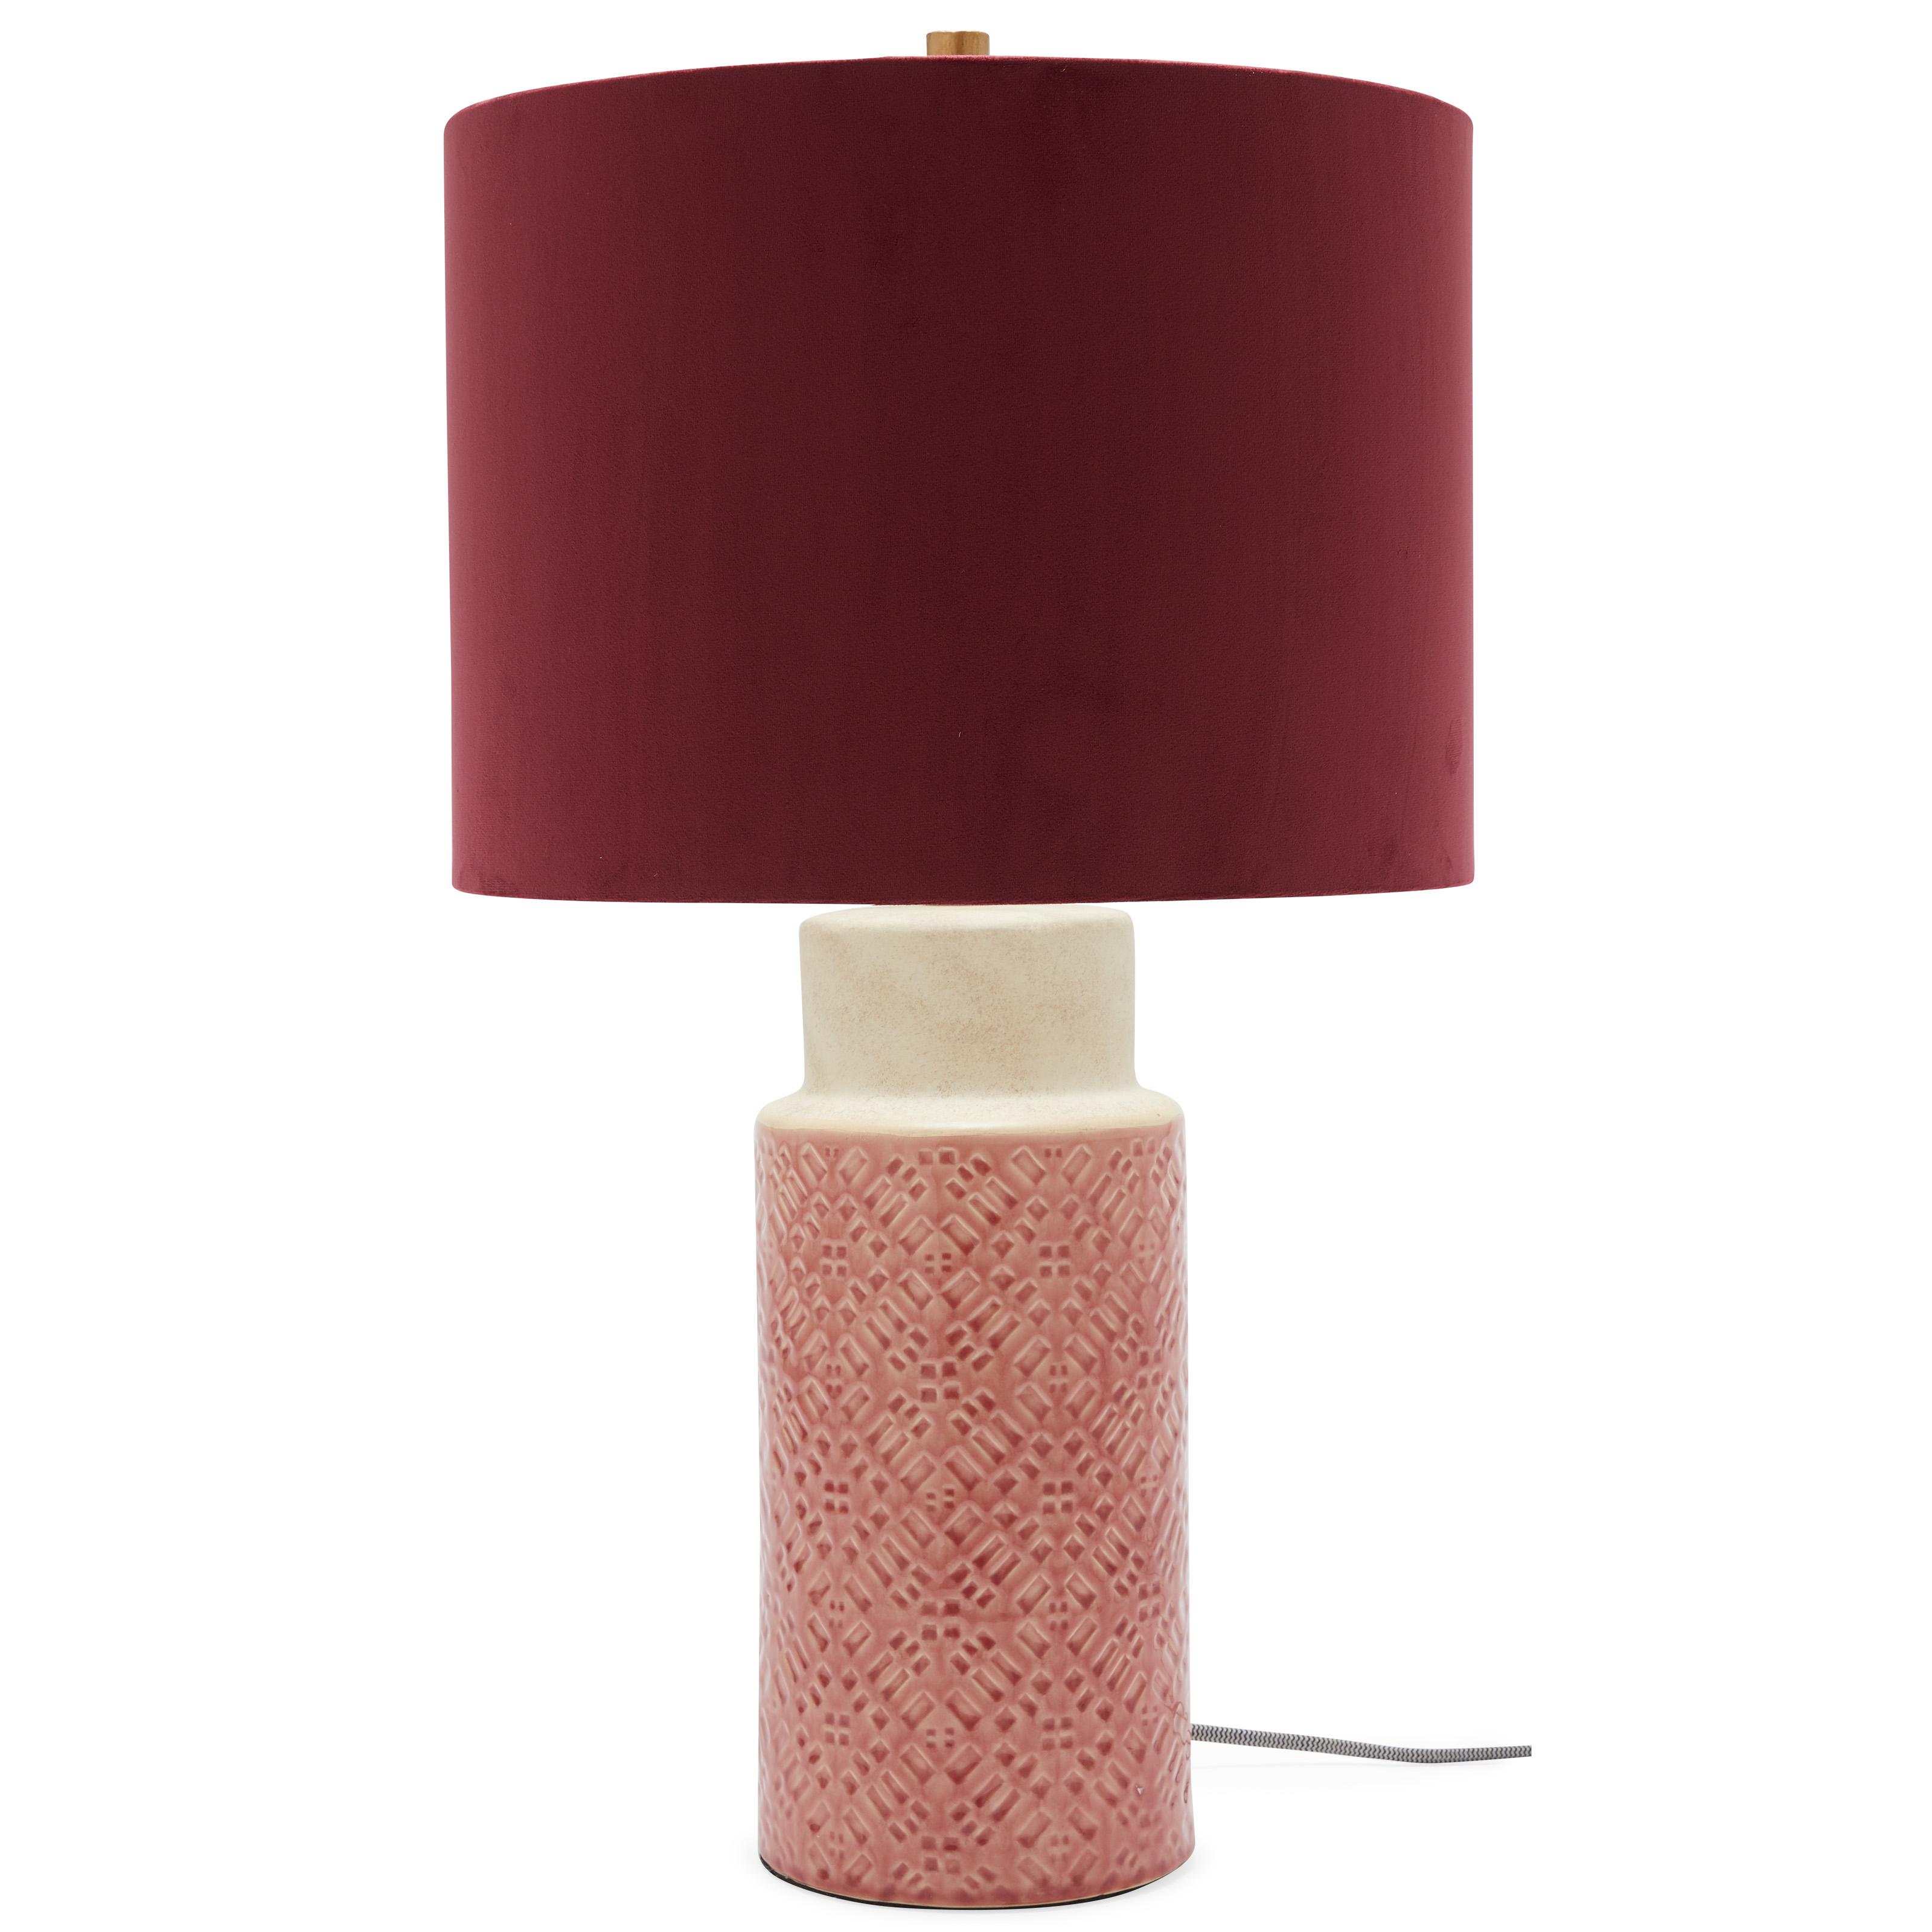 Verona Table Lamp NEW Fusion Pink £9.99 Free P/&P